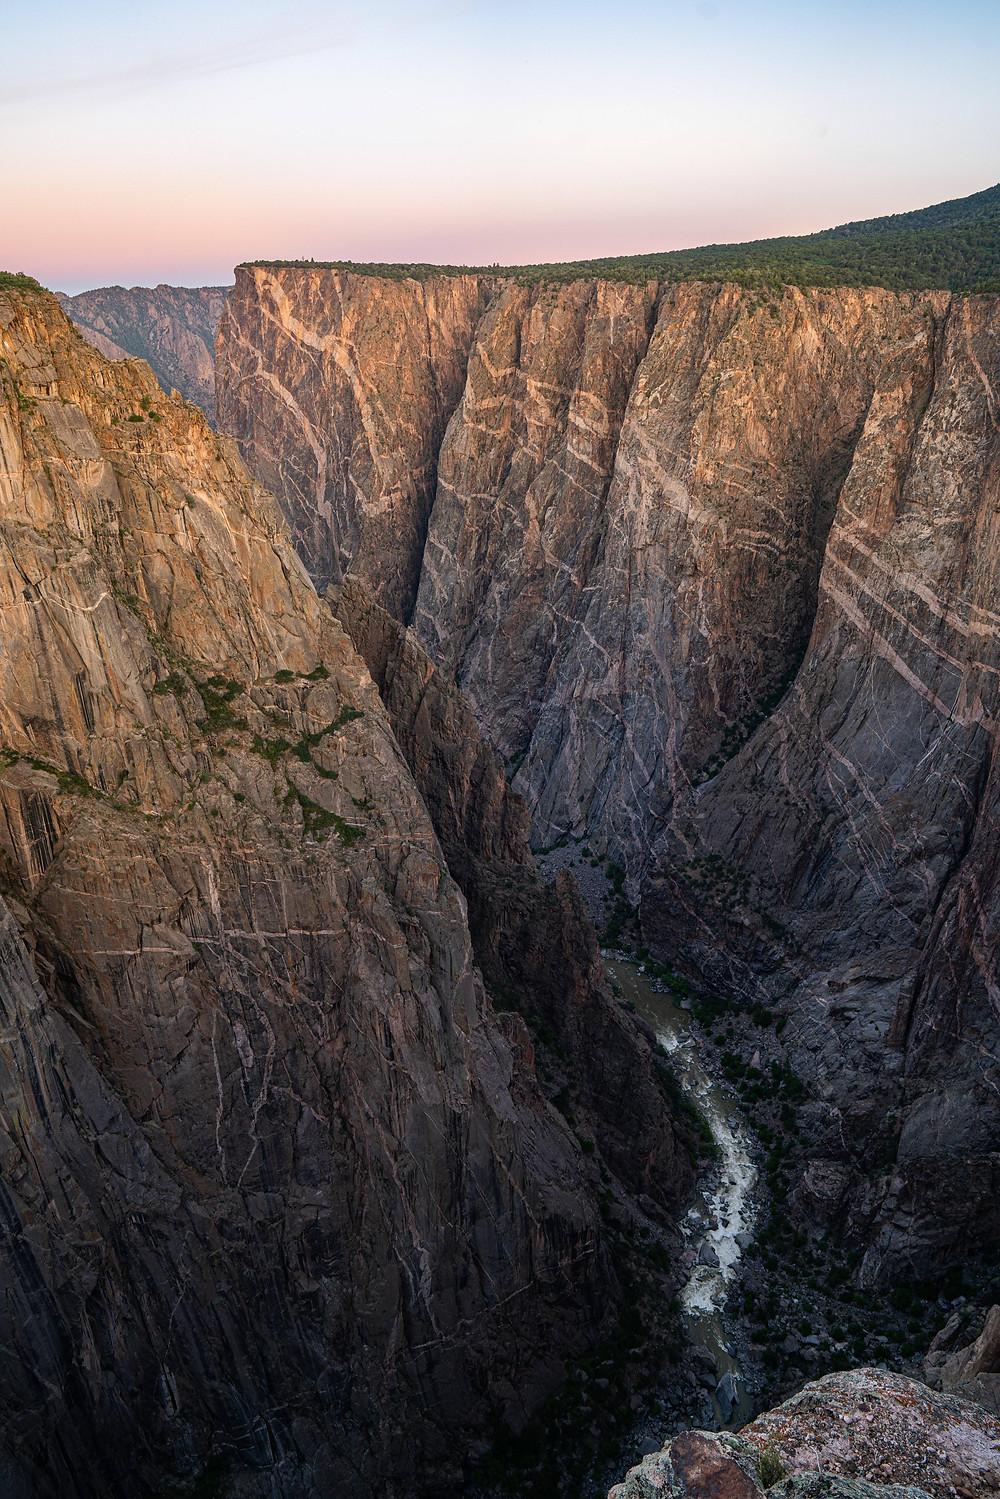 High sheer walls of a river canyon.